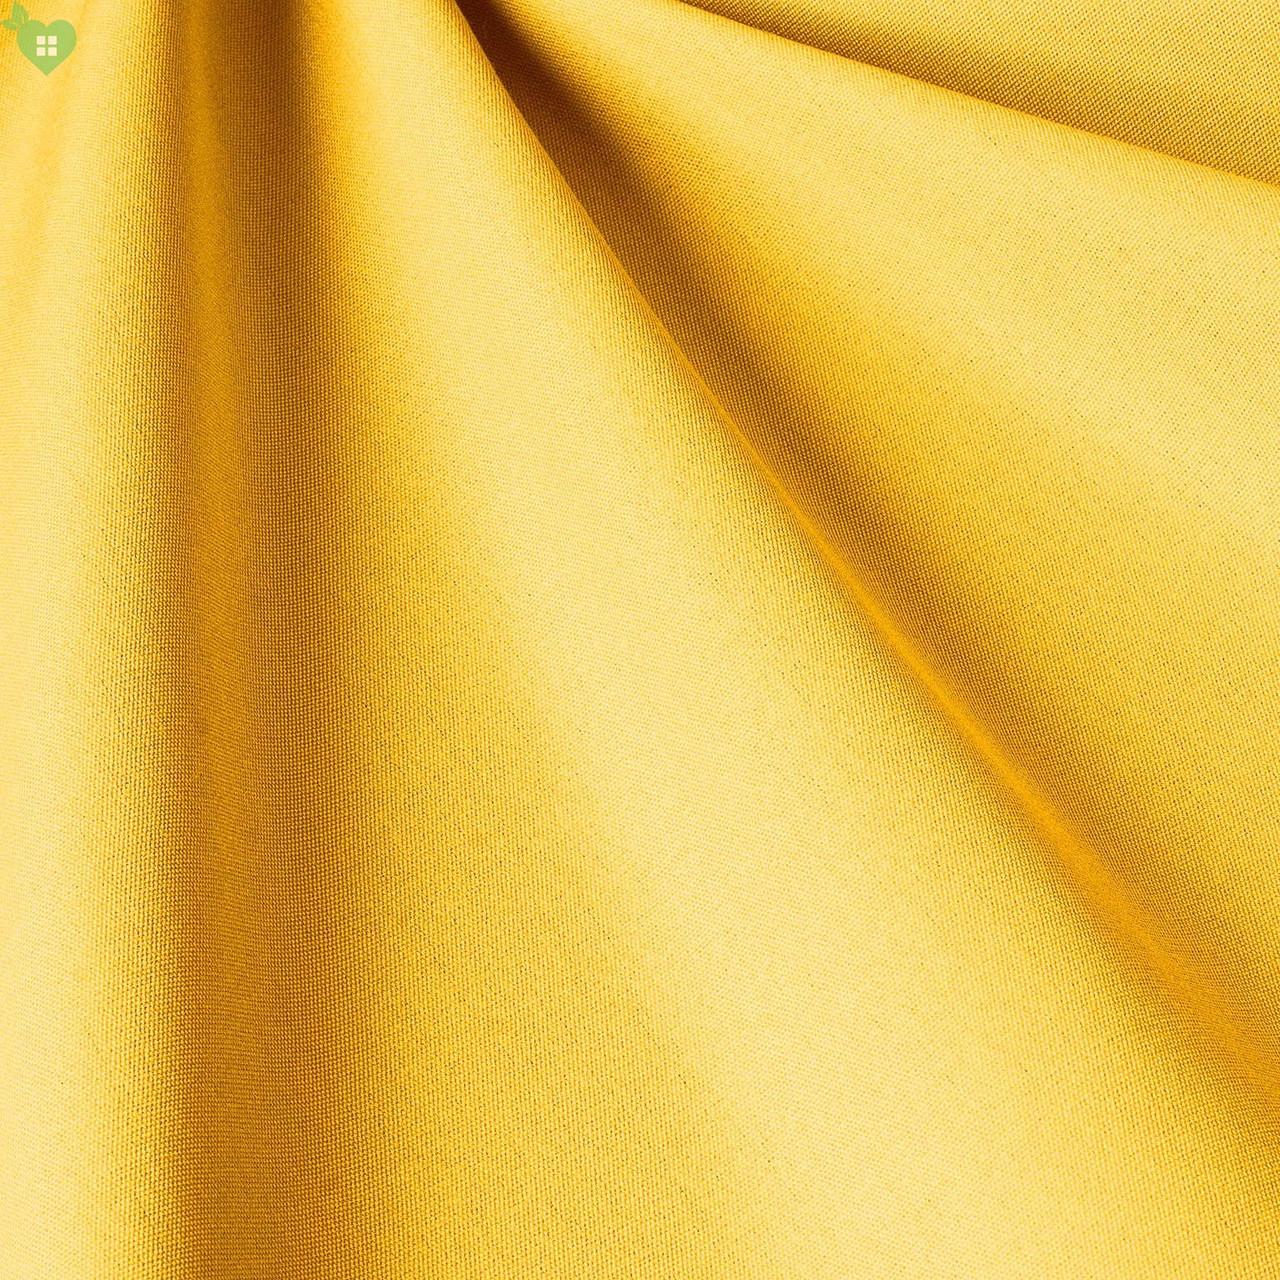 Однотонная уличная ткань рапсово-желтого цвета акрил Испания 83379v7